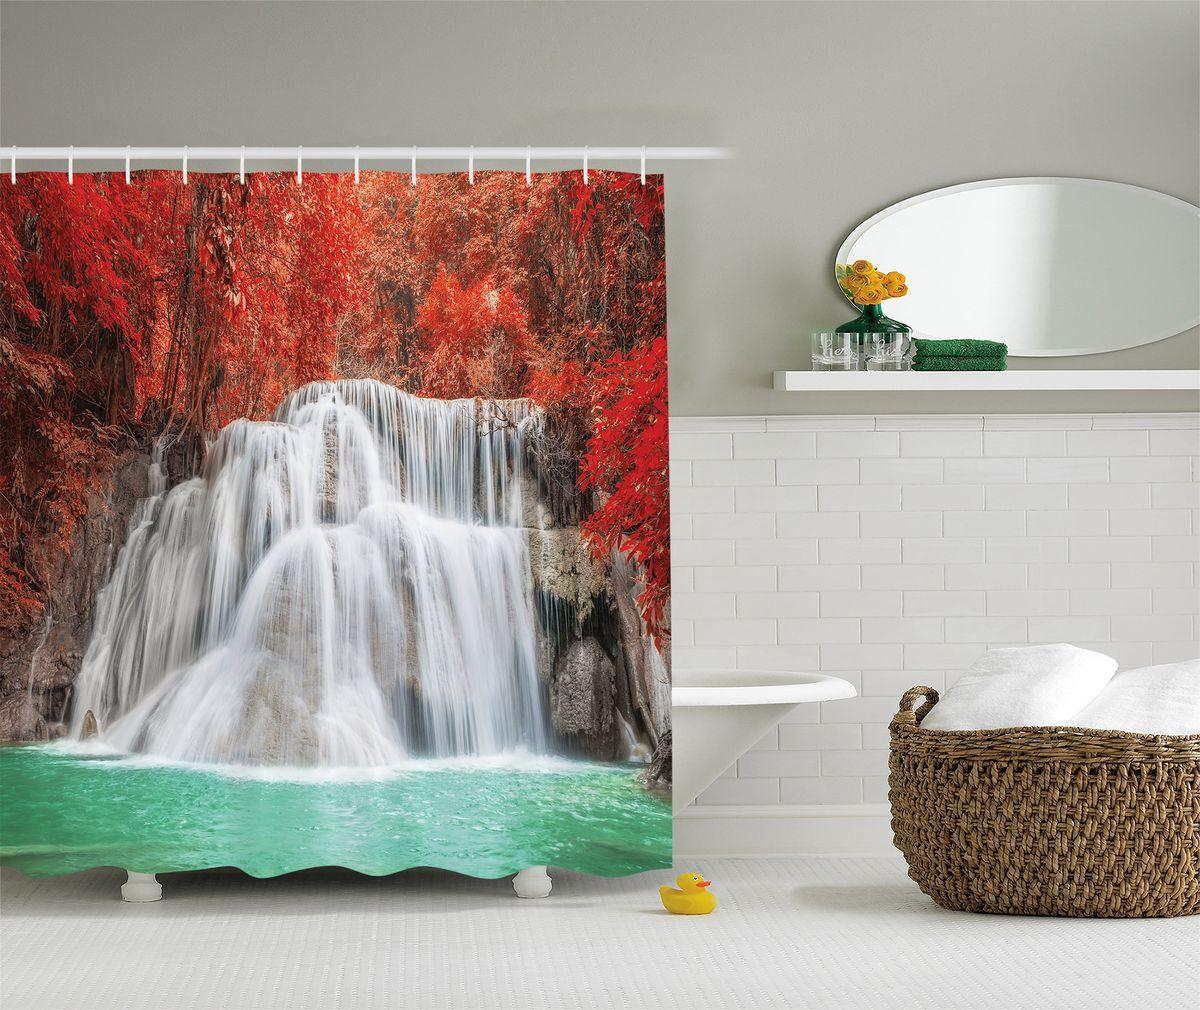 Штора для ванной комнаты Magic Lady Водопад в красном лесу, 180 х 200 см штора для ванной комнаты magic lady дерево в волшебном лесу цвет коричневый оранжевый 180 х 200 см page 4